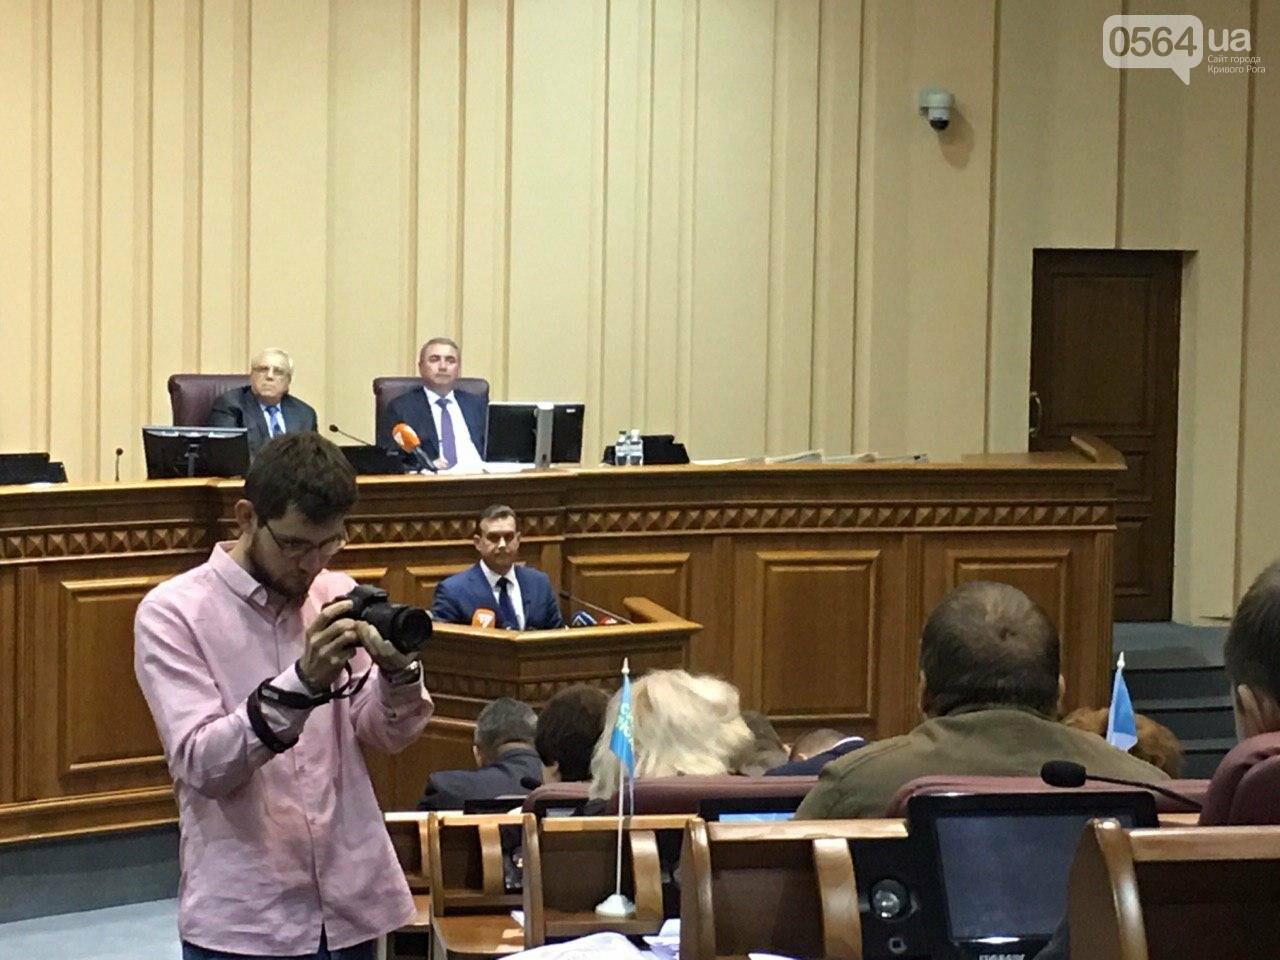 Криворожский городской совет не доверил экс-нардепу Павлову должность заместителя мэра, - ФОТО, фото-14